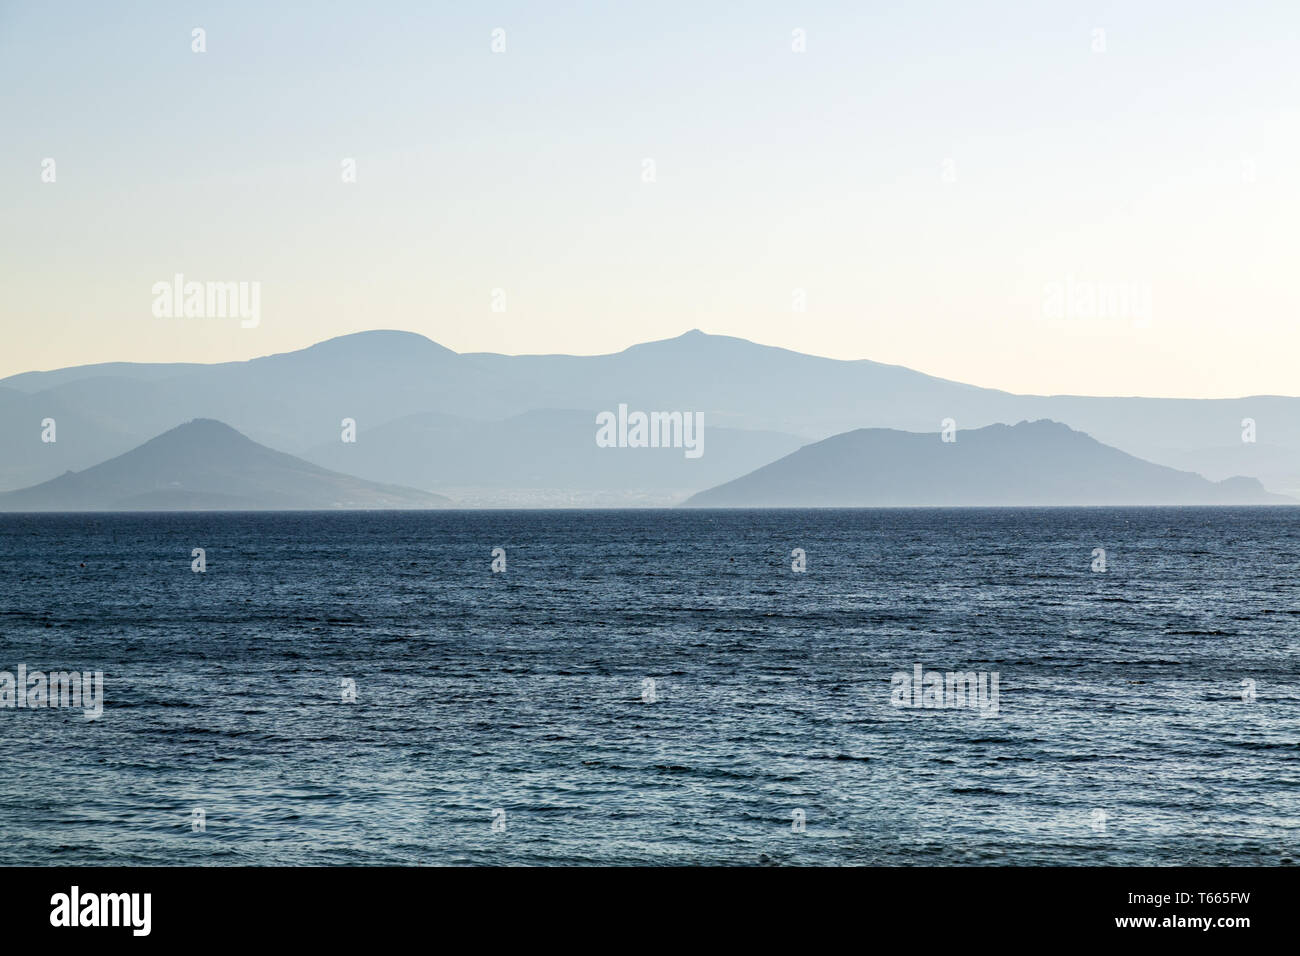 Chaîne de montagnes pâles dans un océan bleu Photo Stock